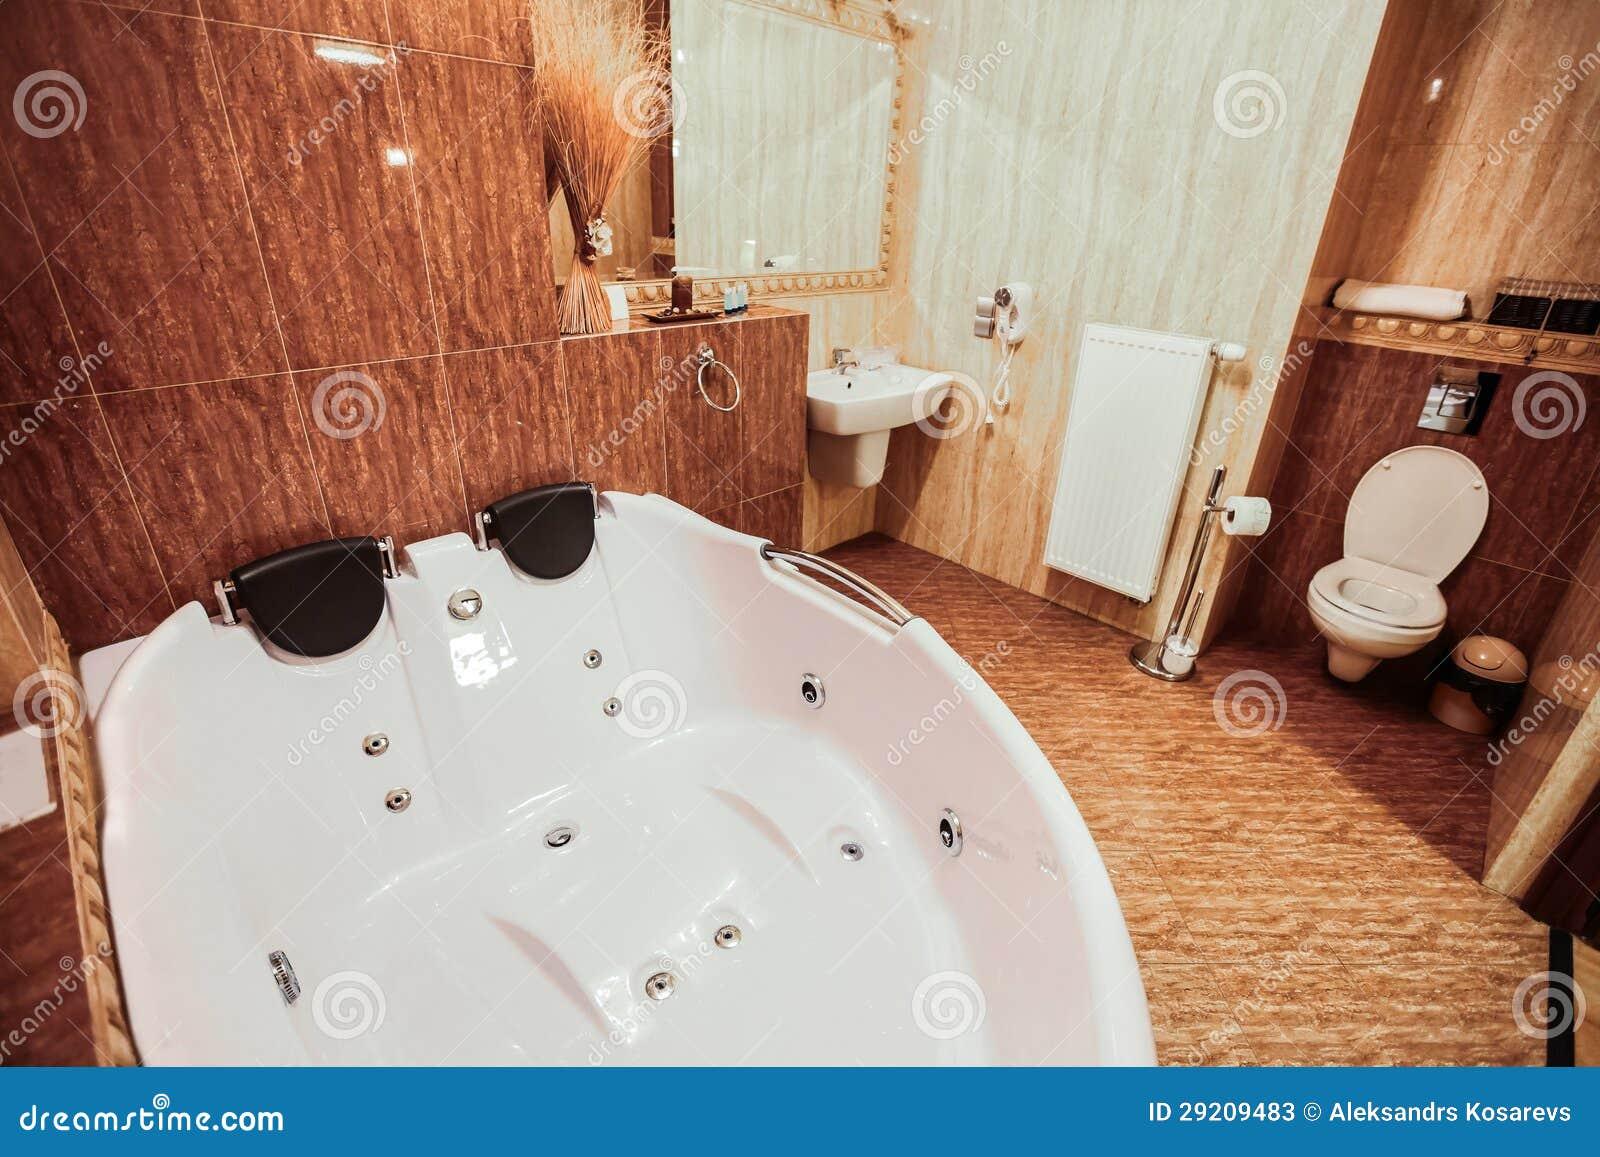 Luxury bathroom with gigantic jacuzzi